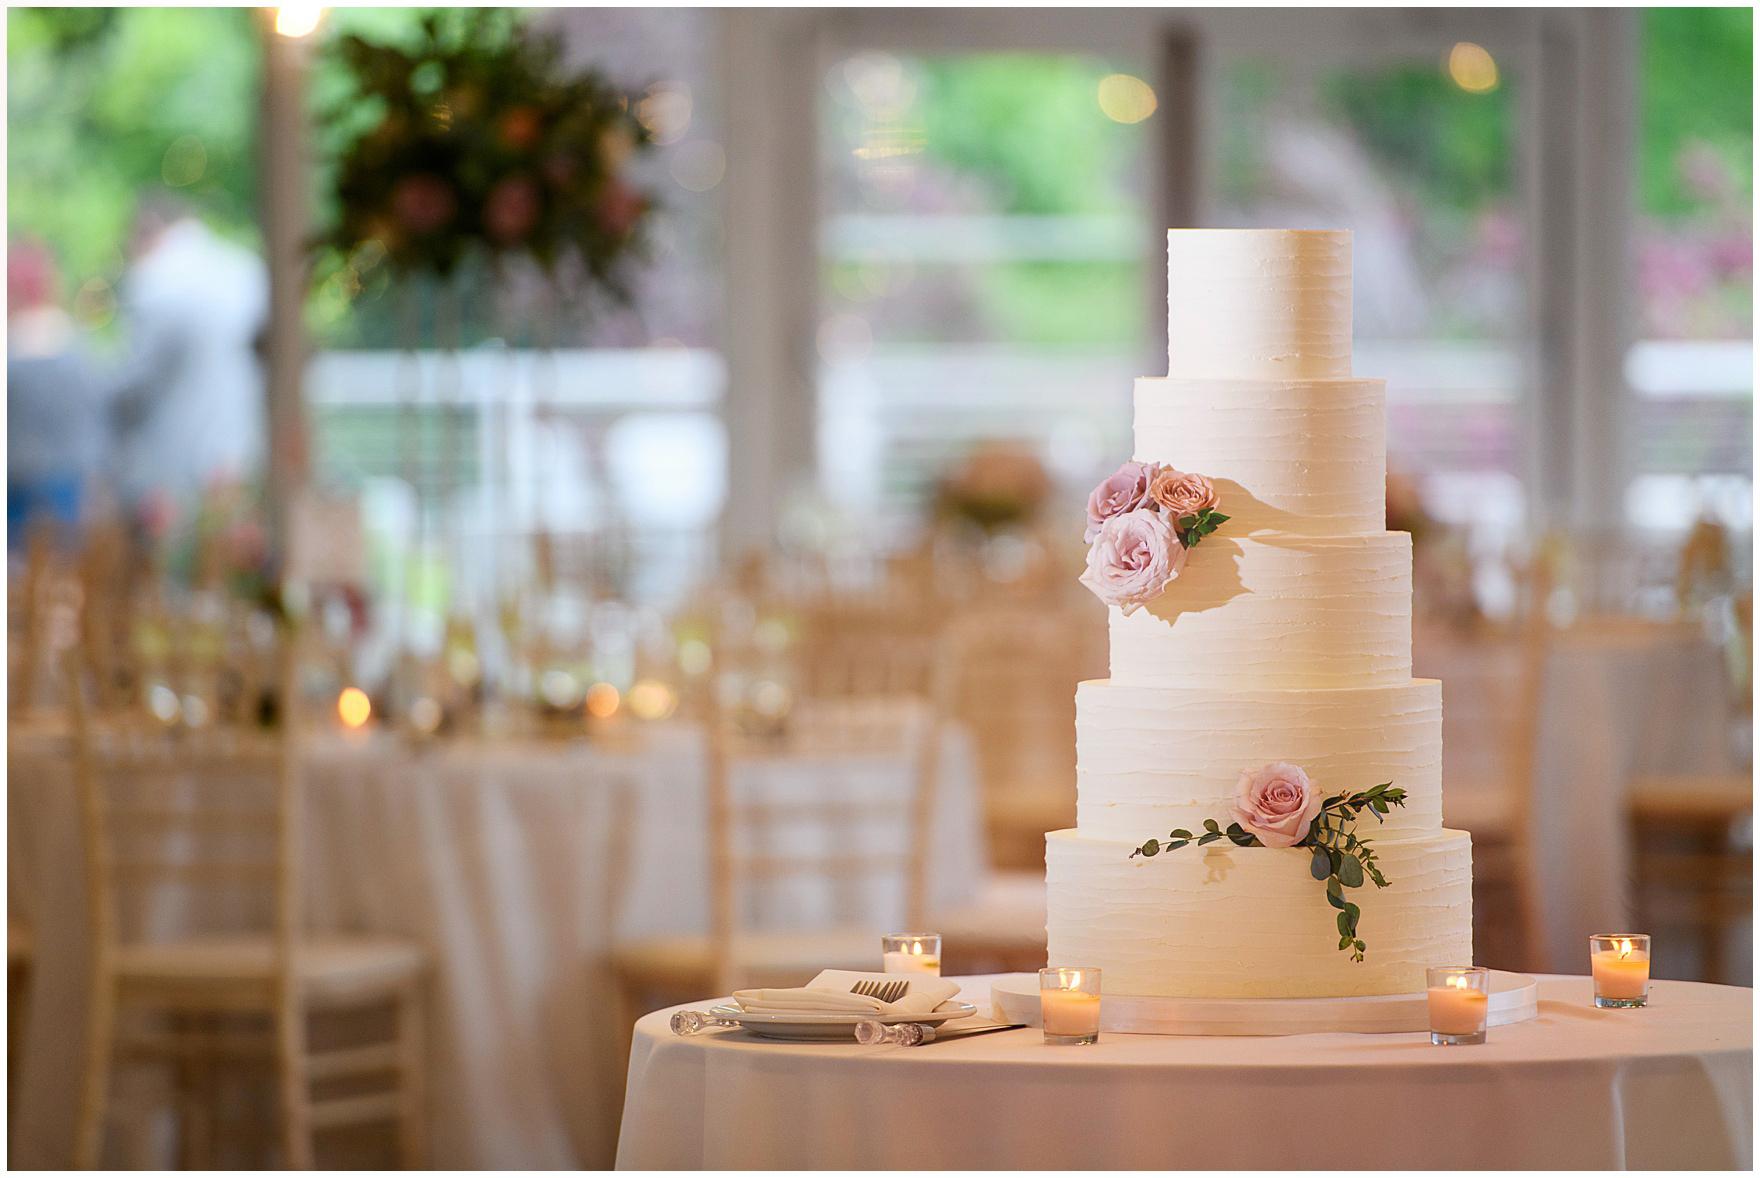 Indigo Floral Co. Cake